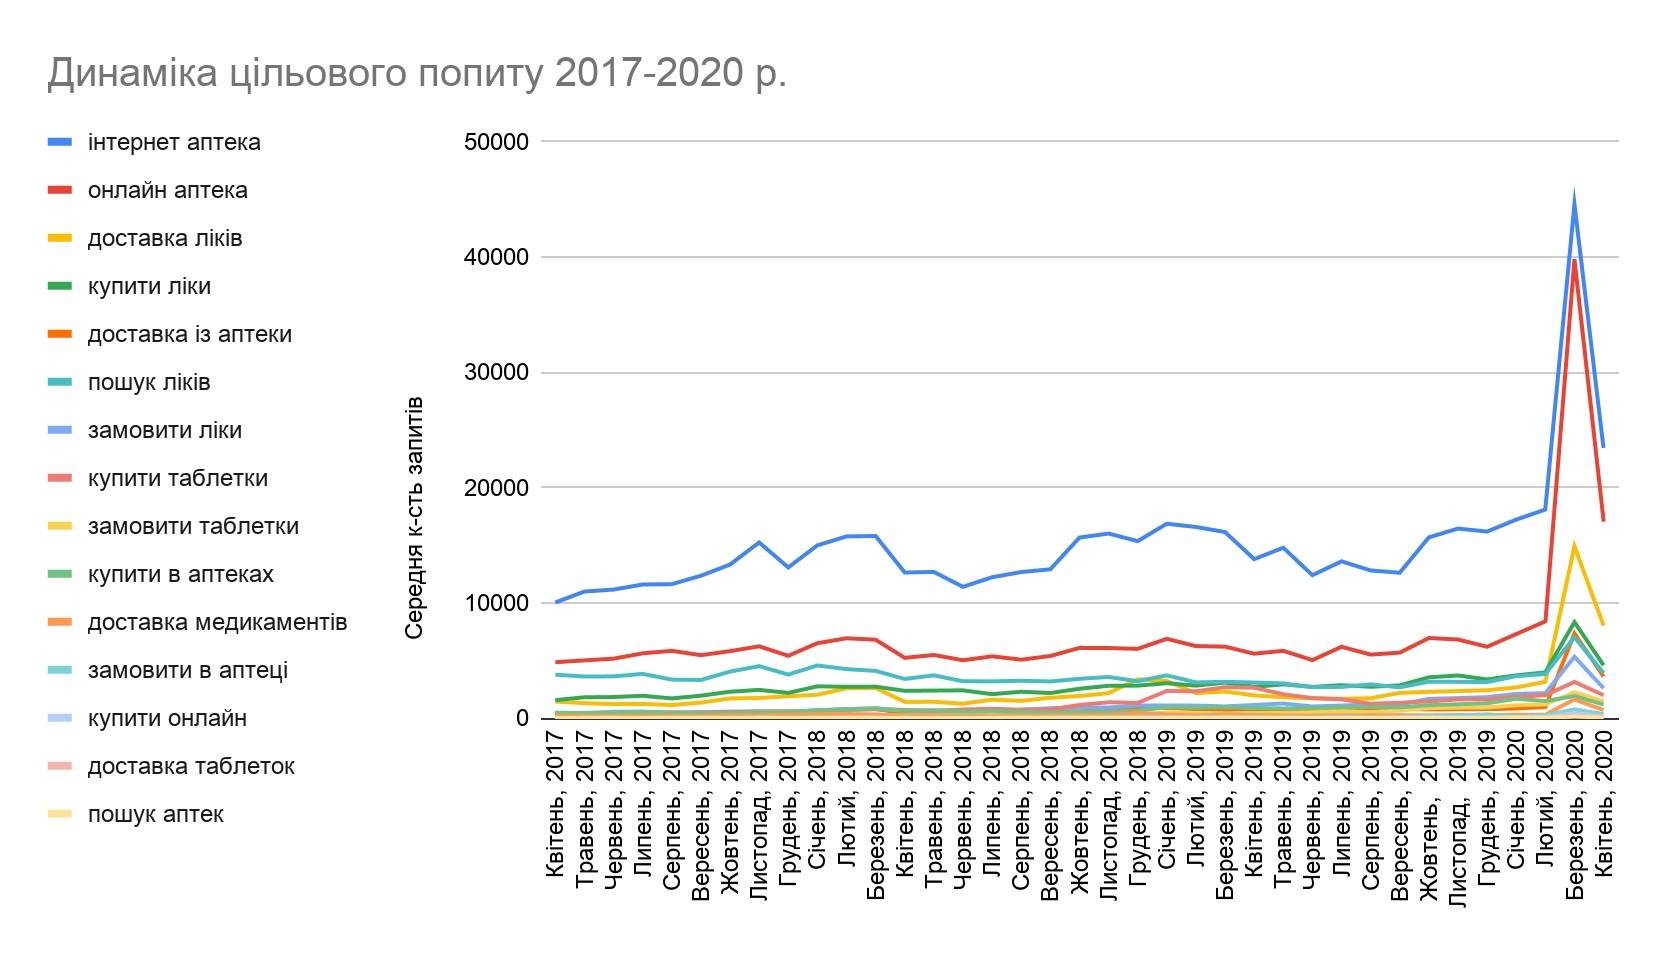 Динаміка цільового попиту за 2017-2020 рр.